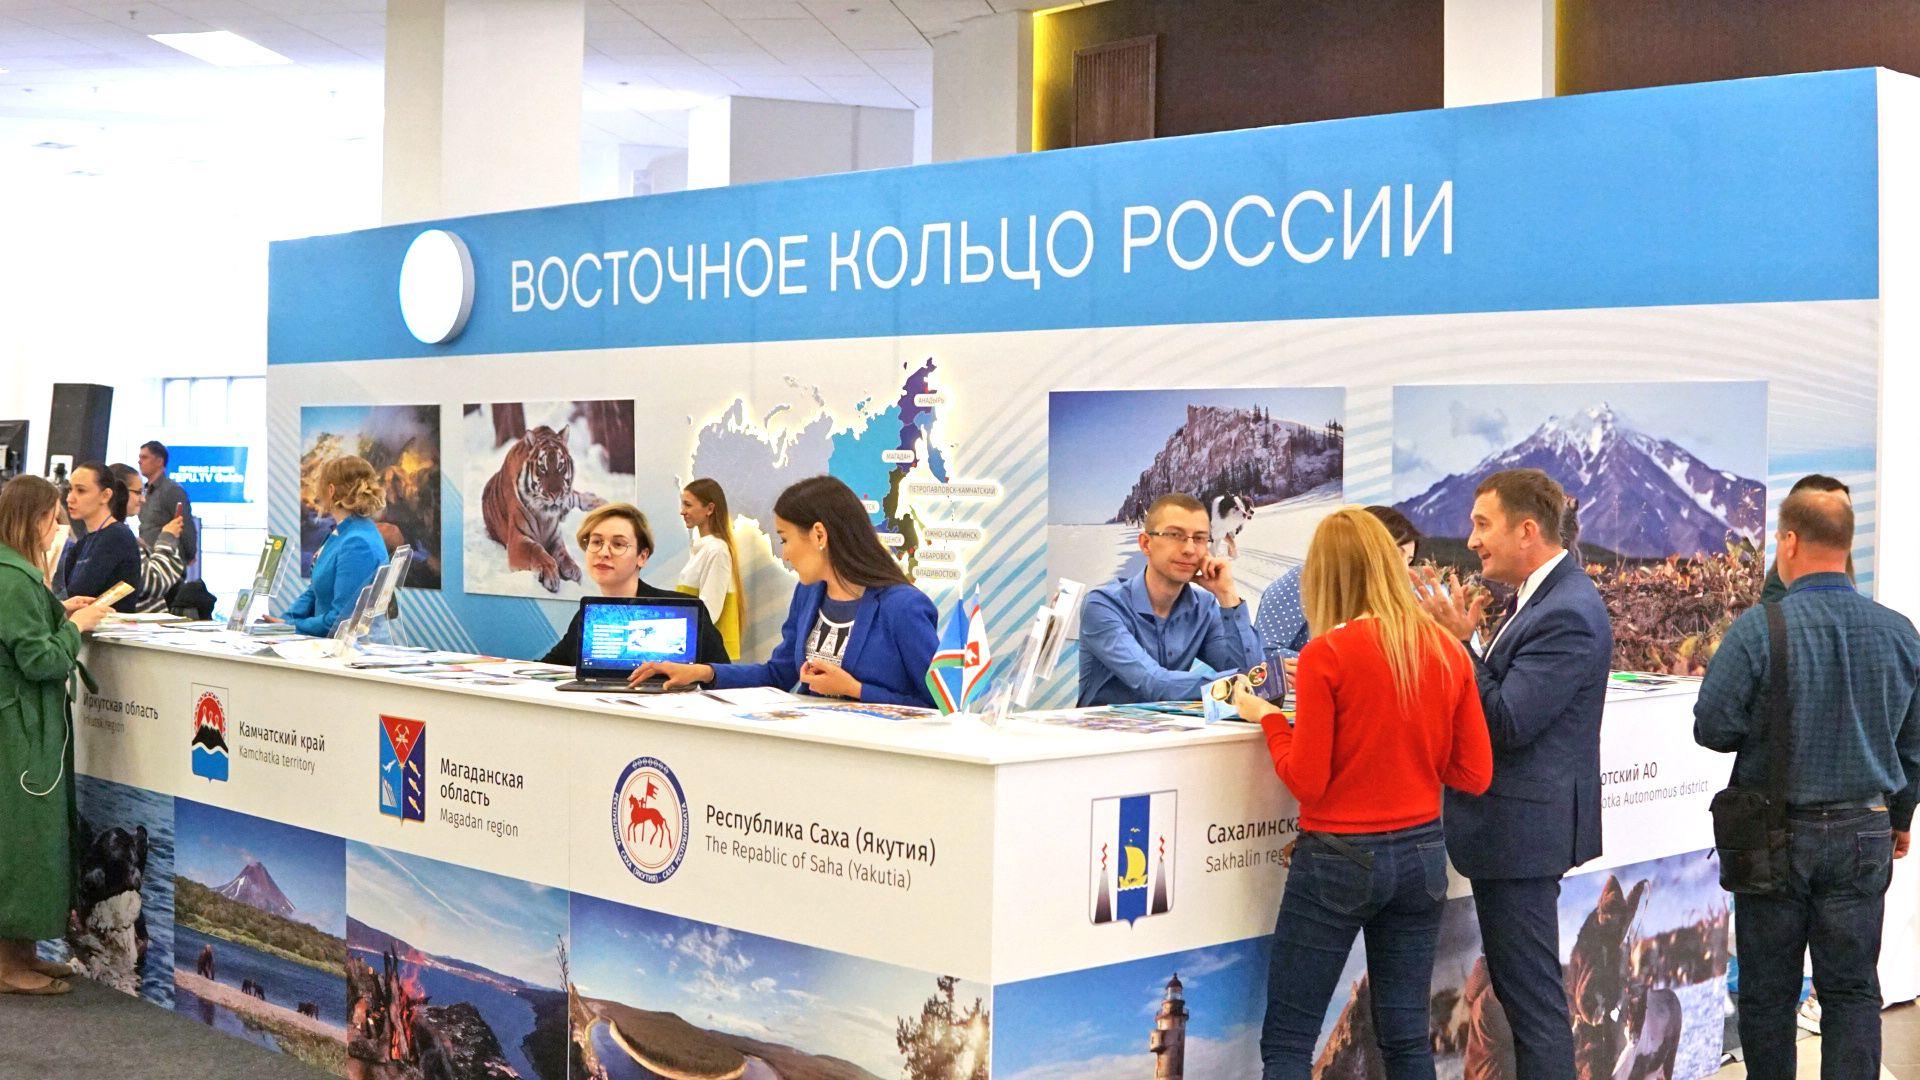 Открыта регистрация на конференцию «Восточное кольцо: внедрение инноваций в организациях индустрии туризма»